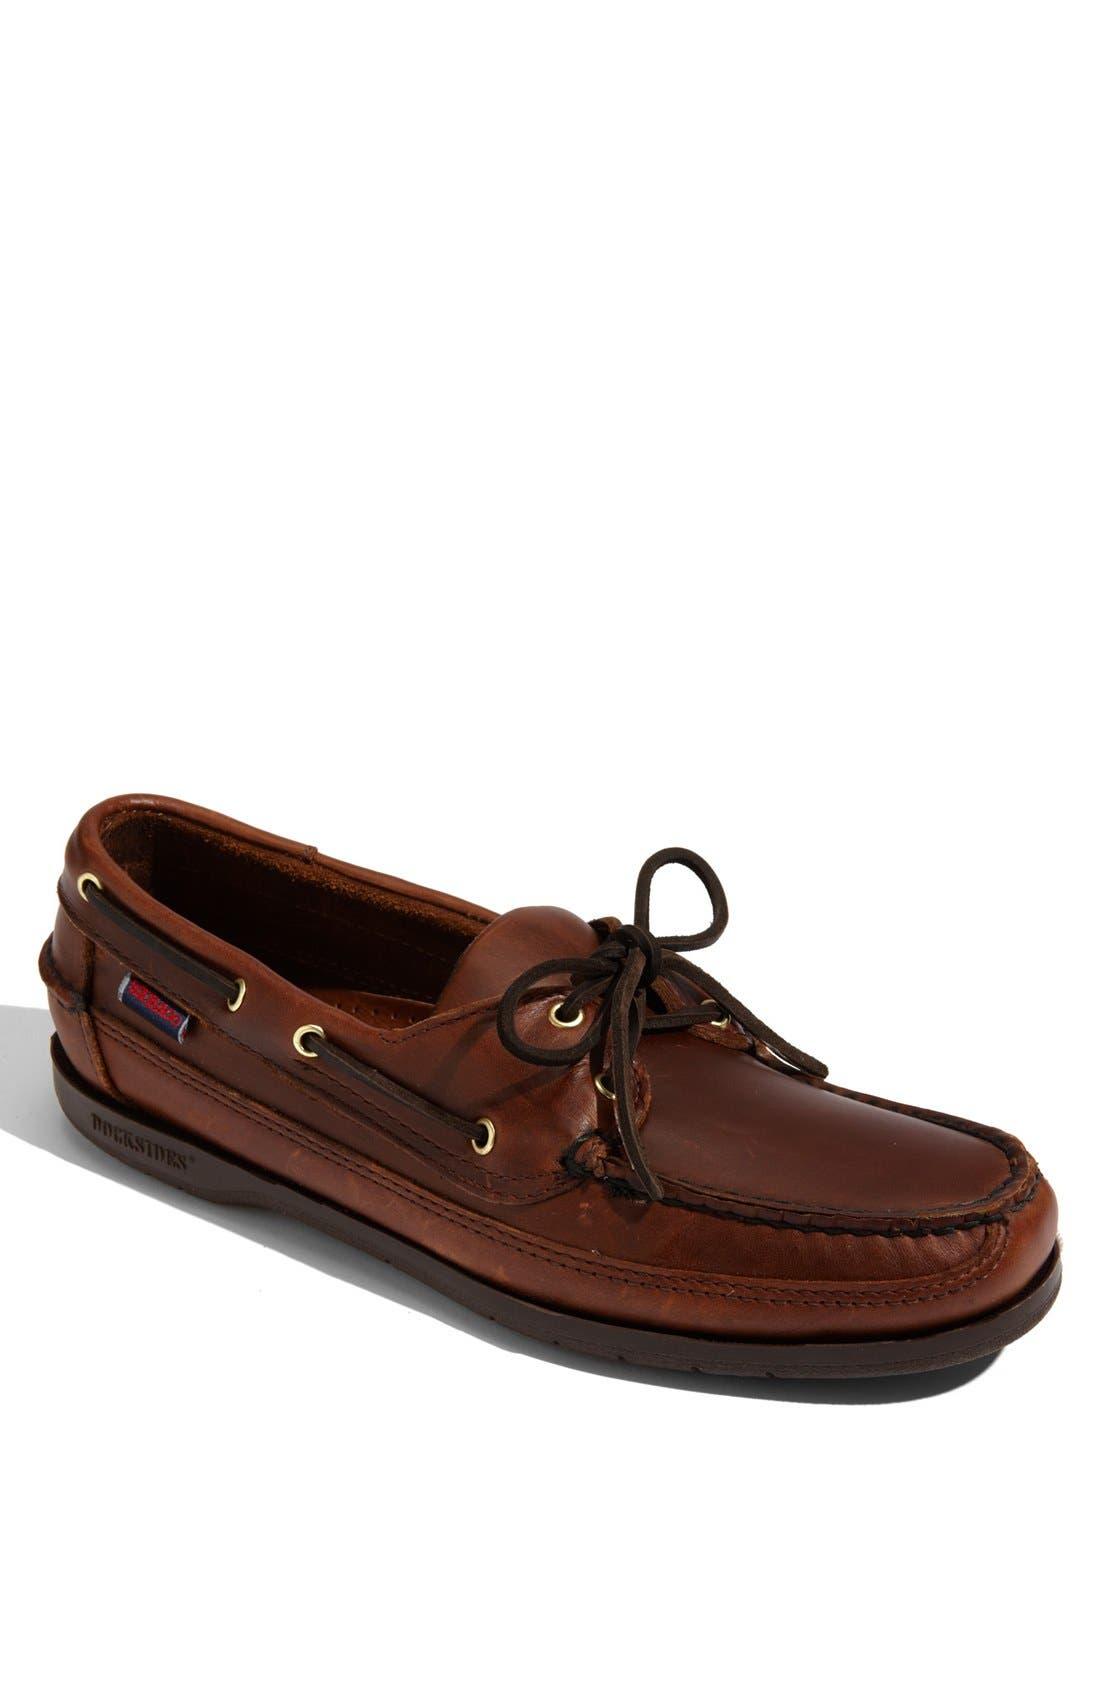 Alternate Image 1 Selected - Sebago 'Schooner' Boat Shoe (Online Only)